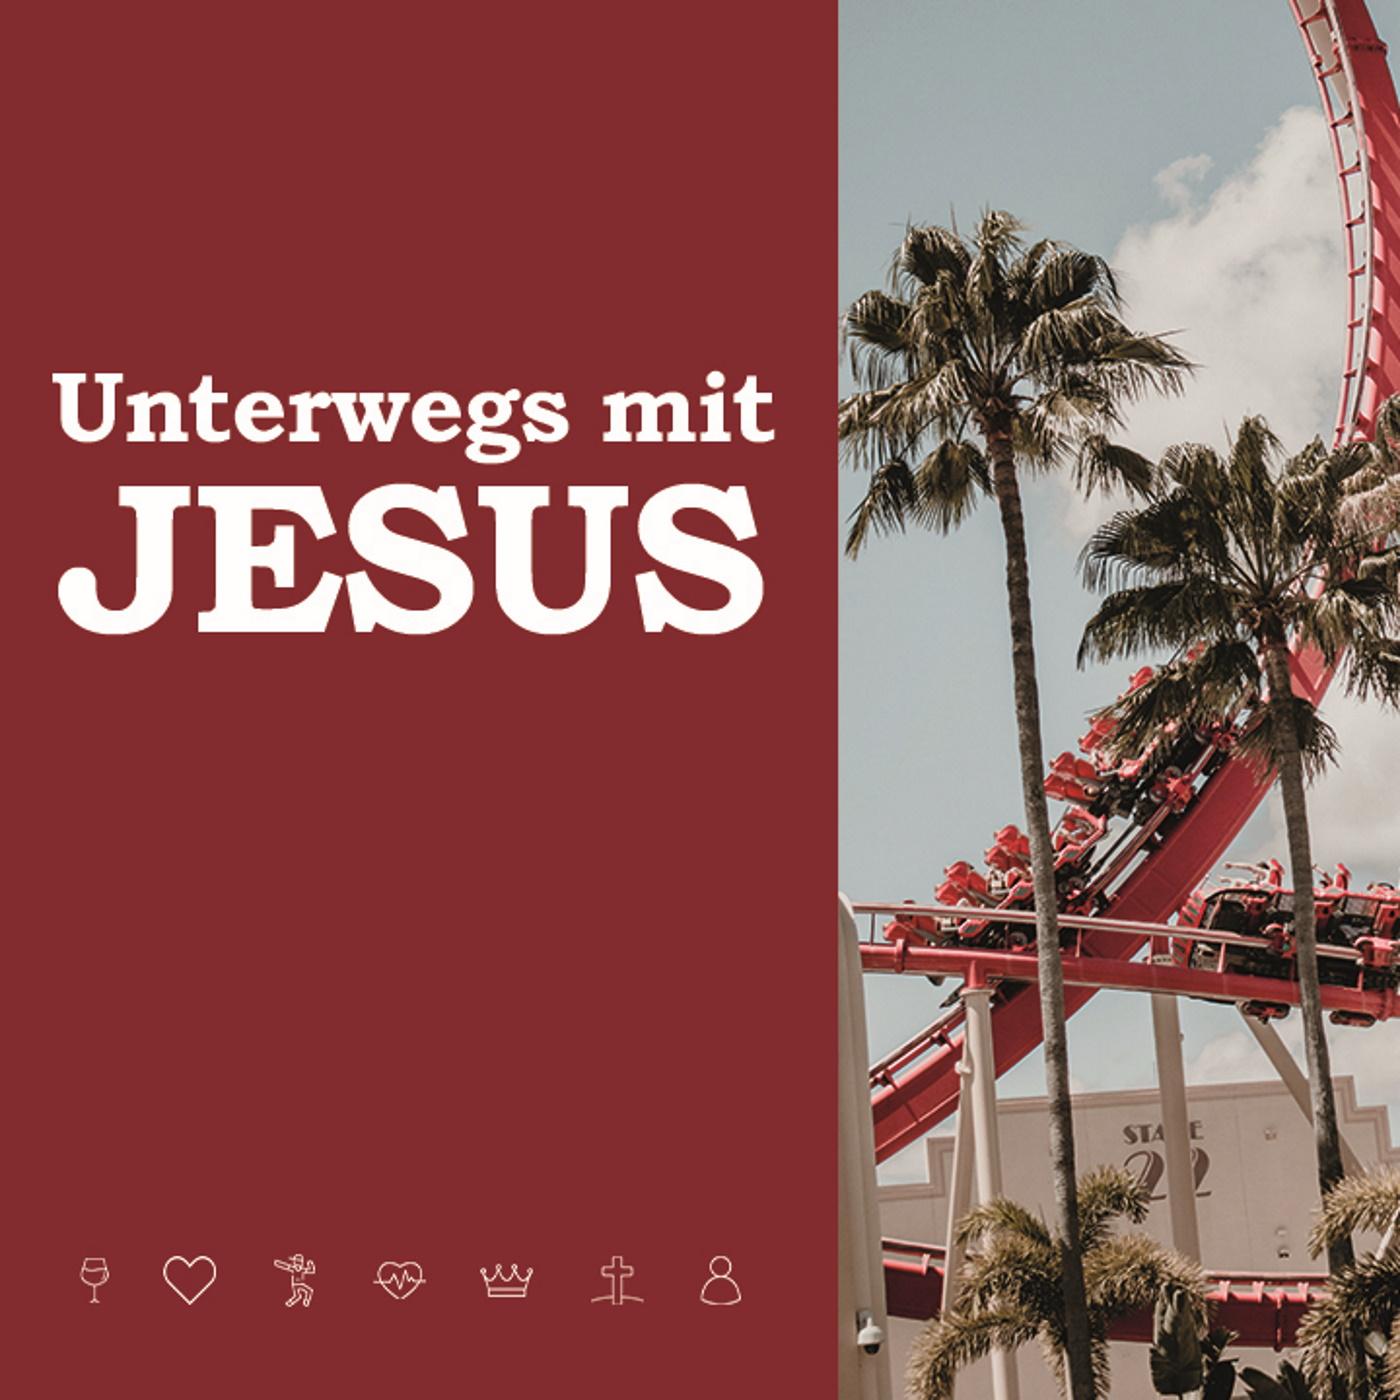 Unterwegs mit Jesus - Der Unterschied [video]